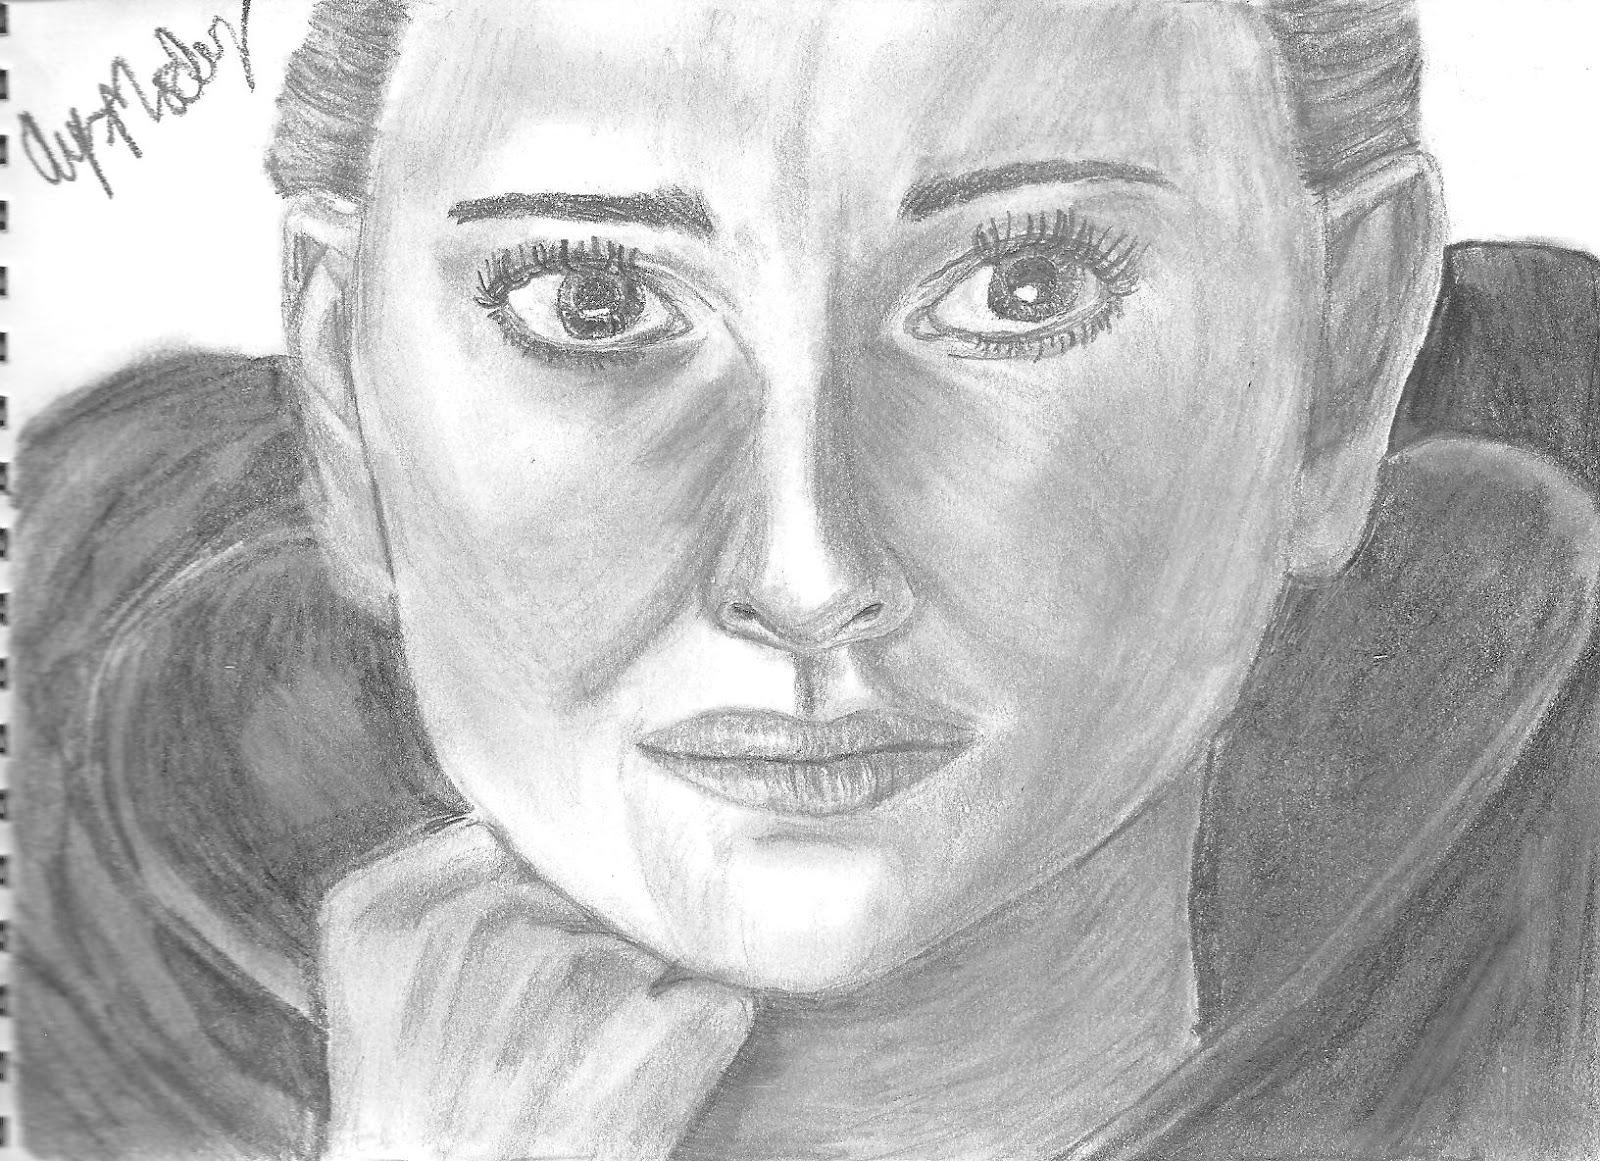 http://3.bp.blogspot.com/-4r8PJ7nScMQ/T0GjsWf-BrI/AAAAAAAAALY/sJbg932y_RY/s1600/Natalie+Portman+as+Padme+Amidala.jpg